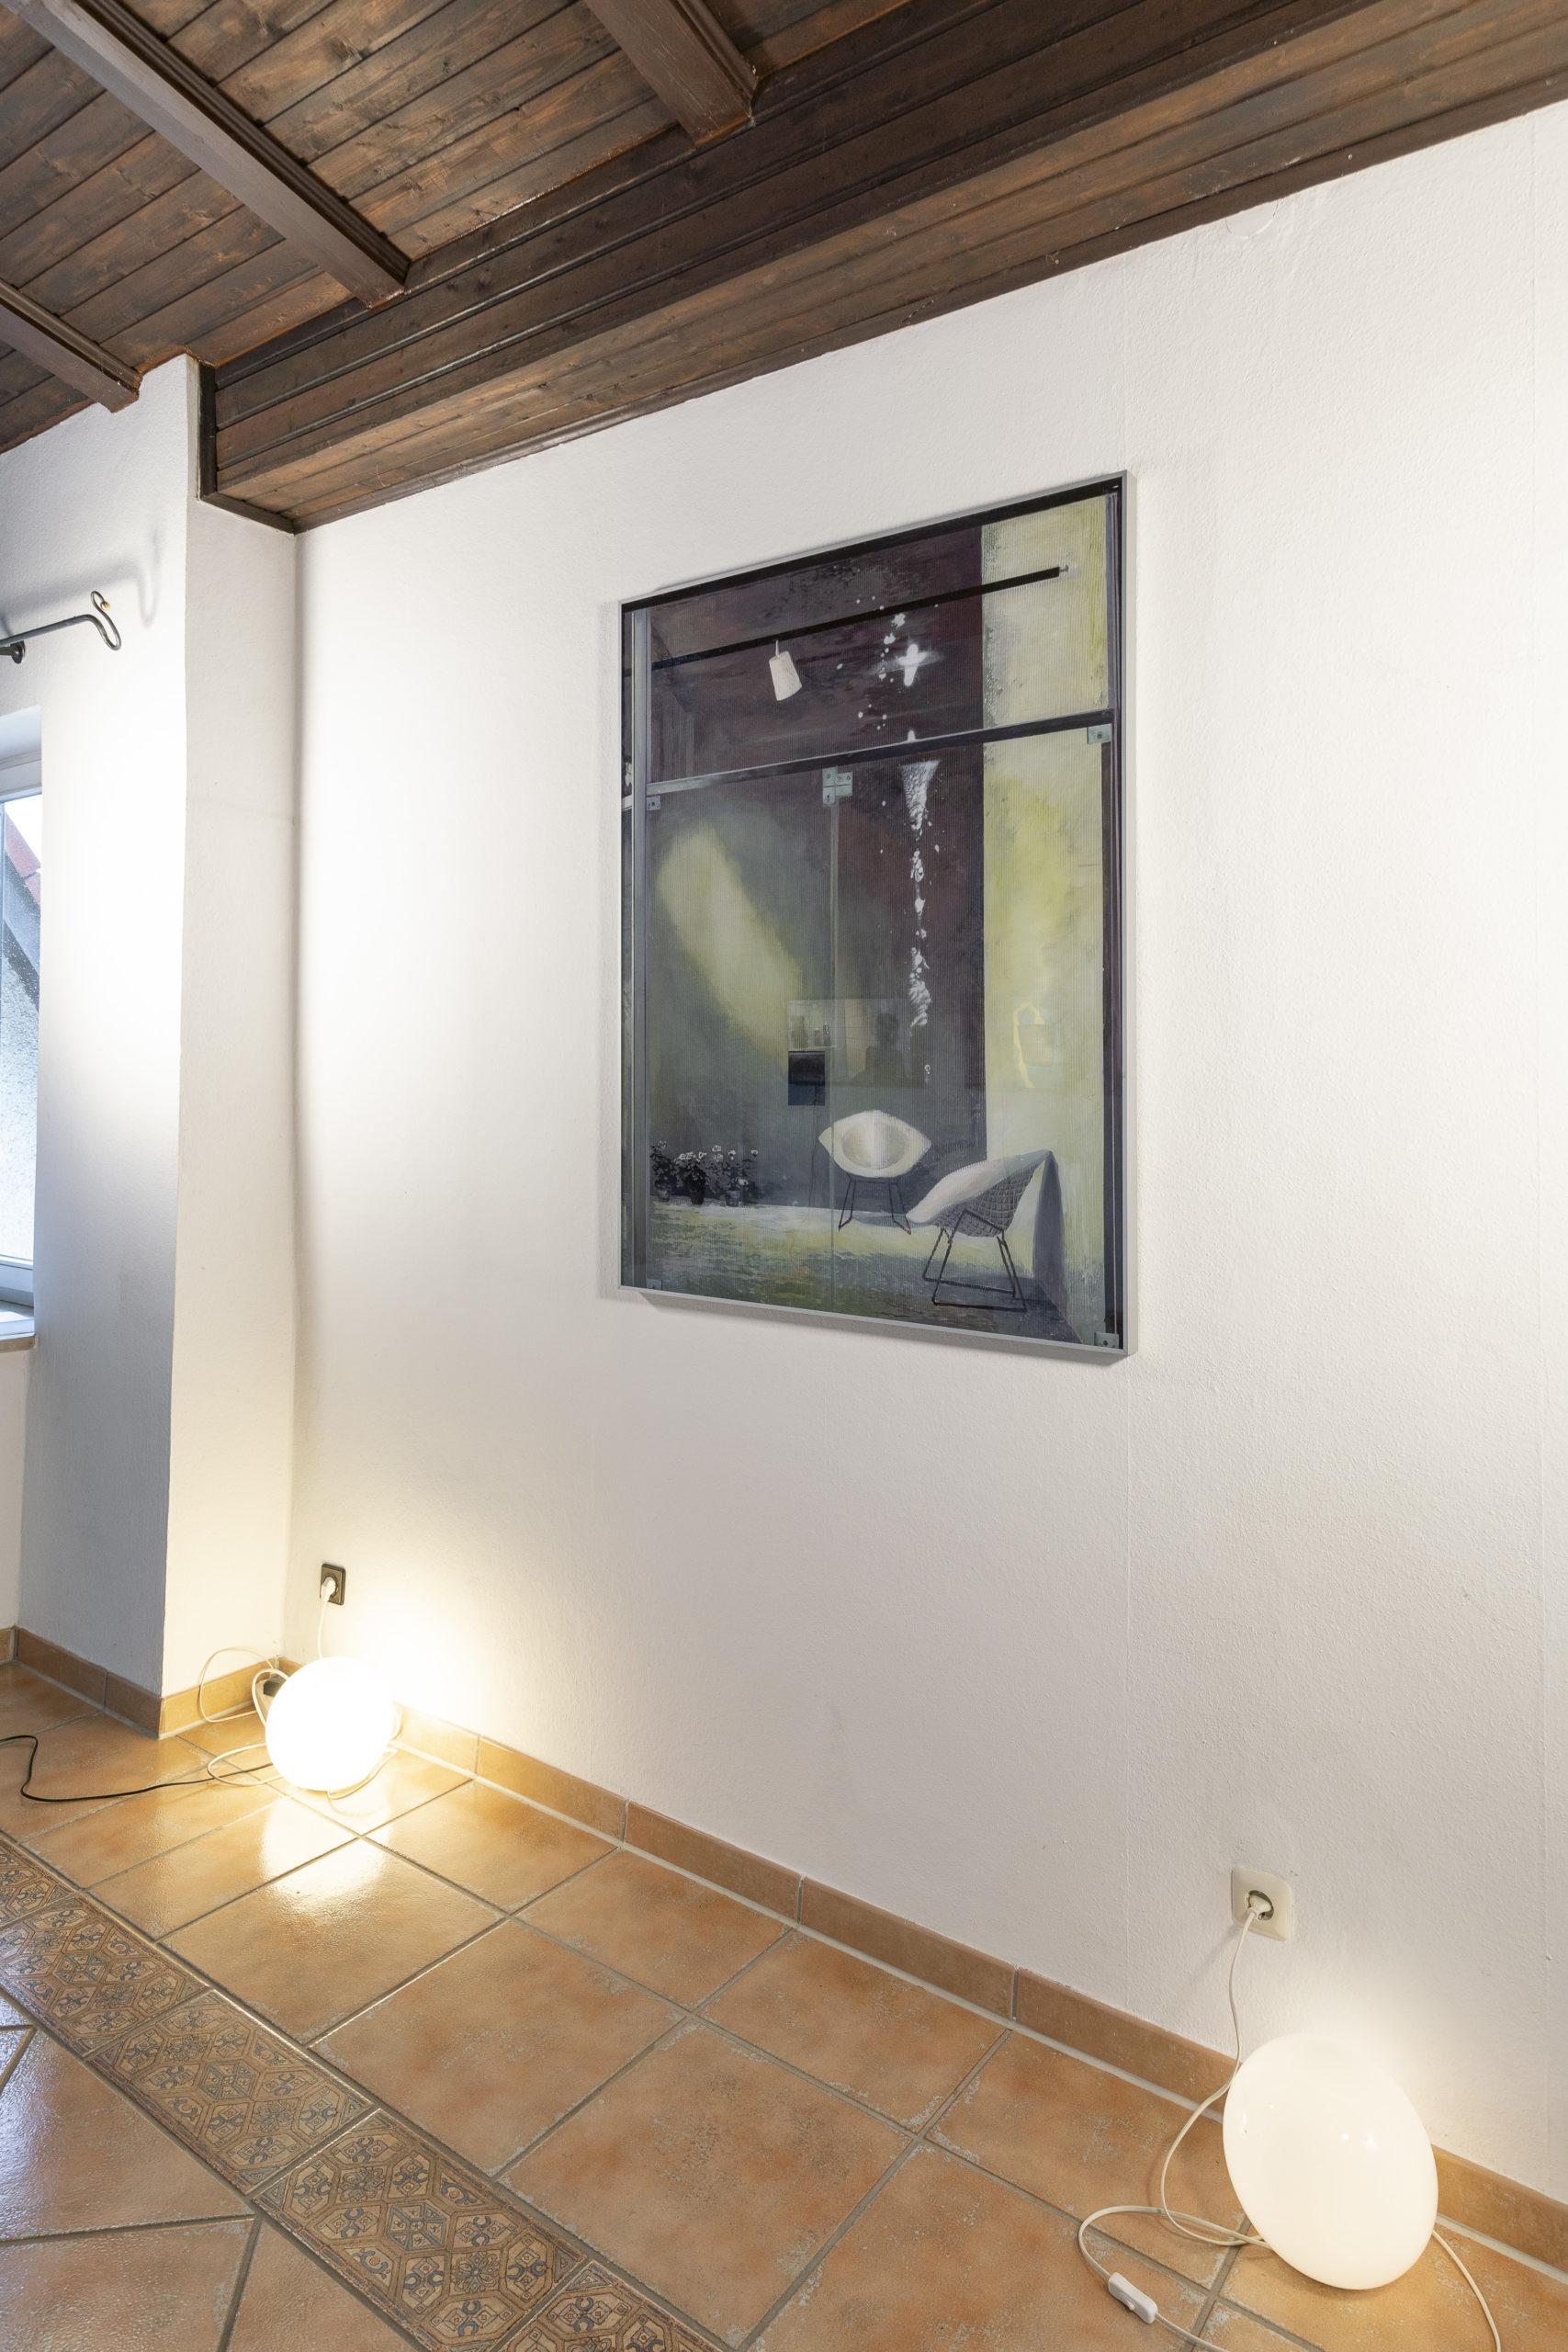 006-06 Living Art 02102020 (131 von 140)